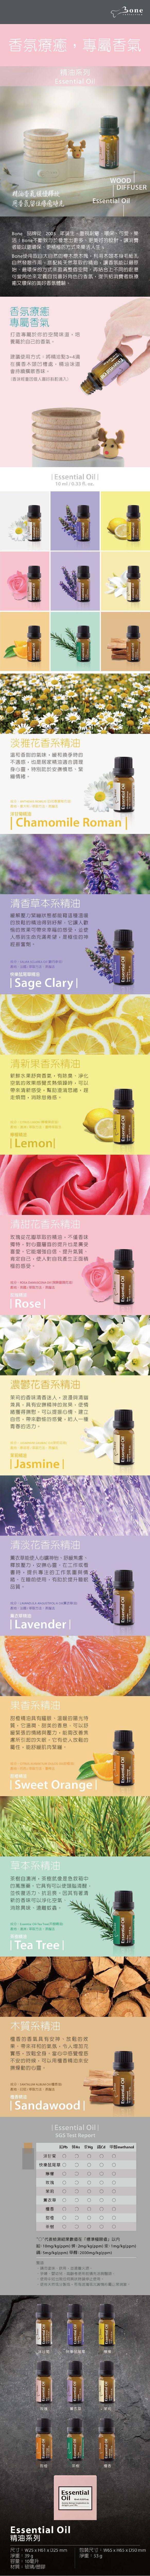 Bone|Essential Oil - Rose 玫瑰精油 10ml